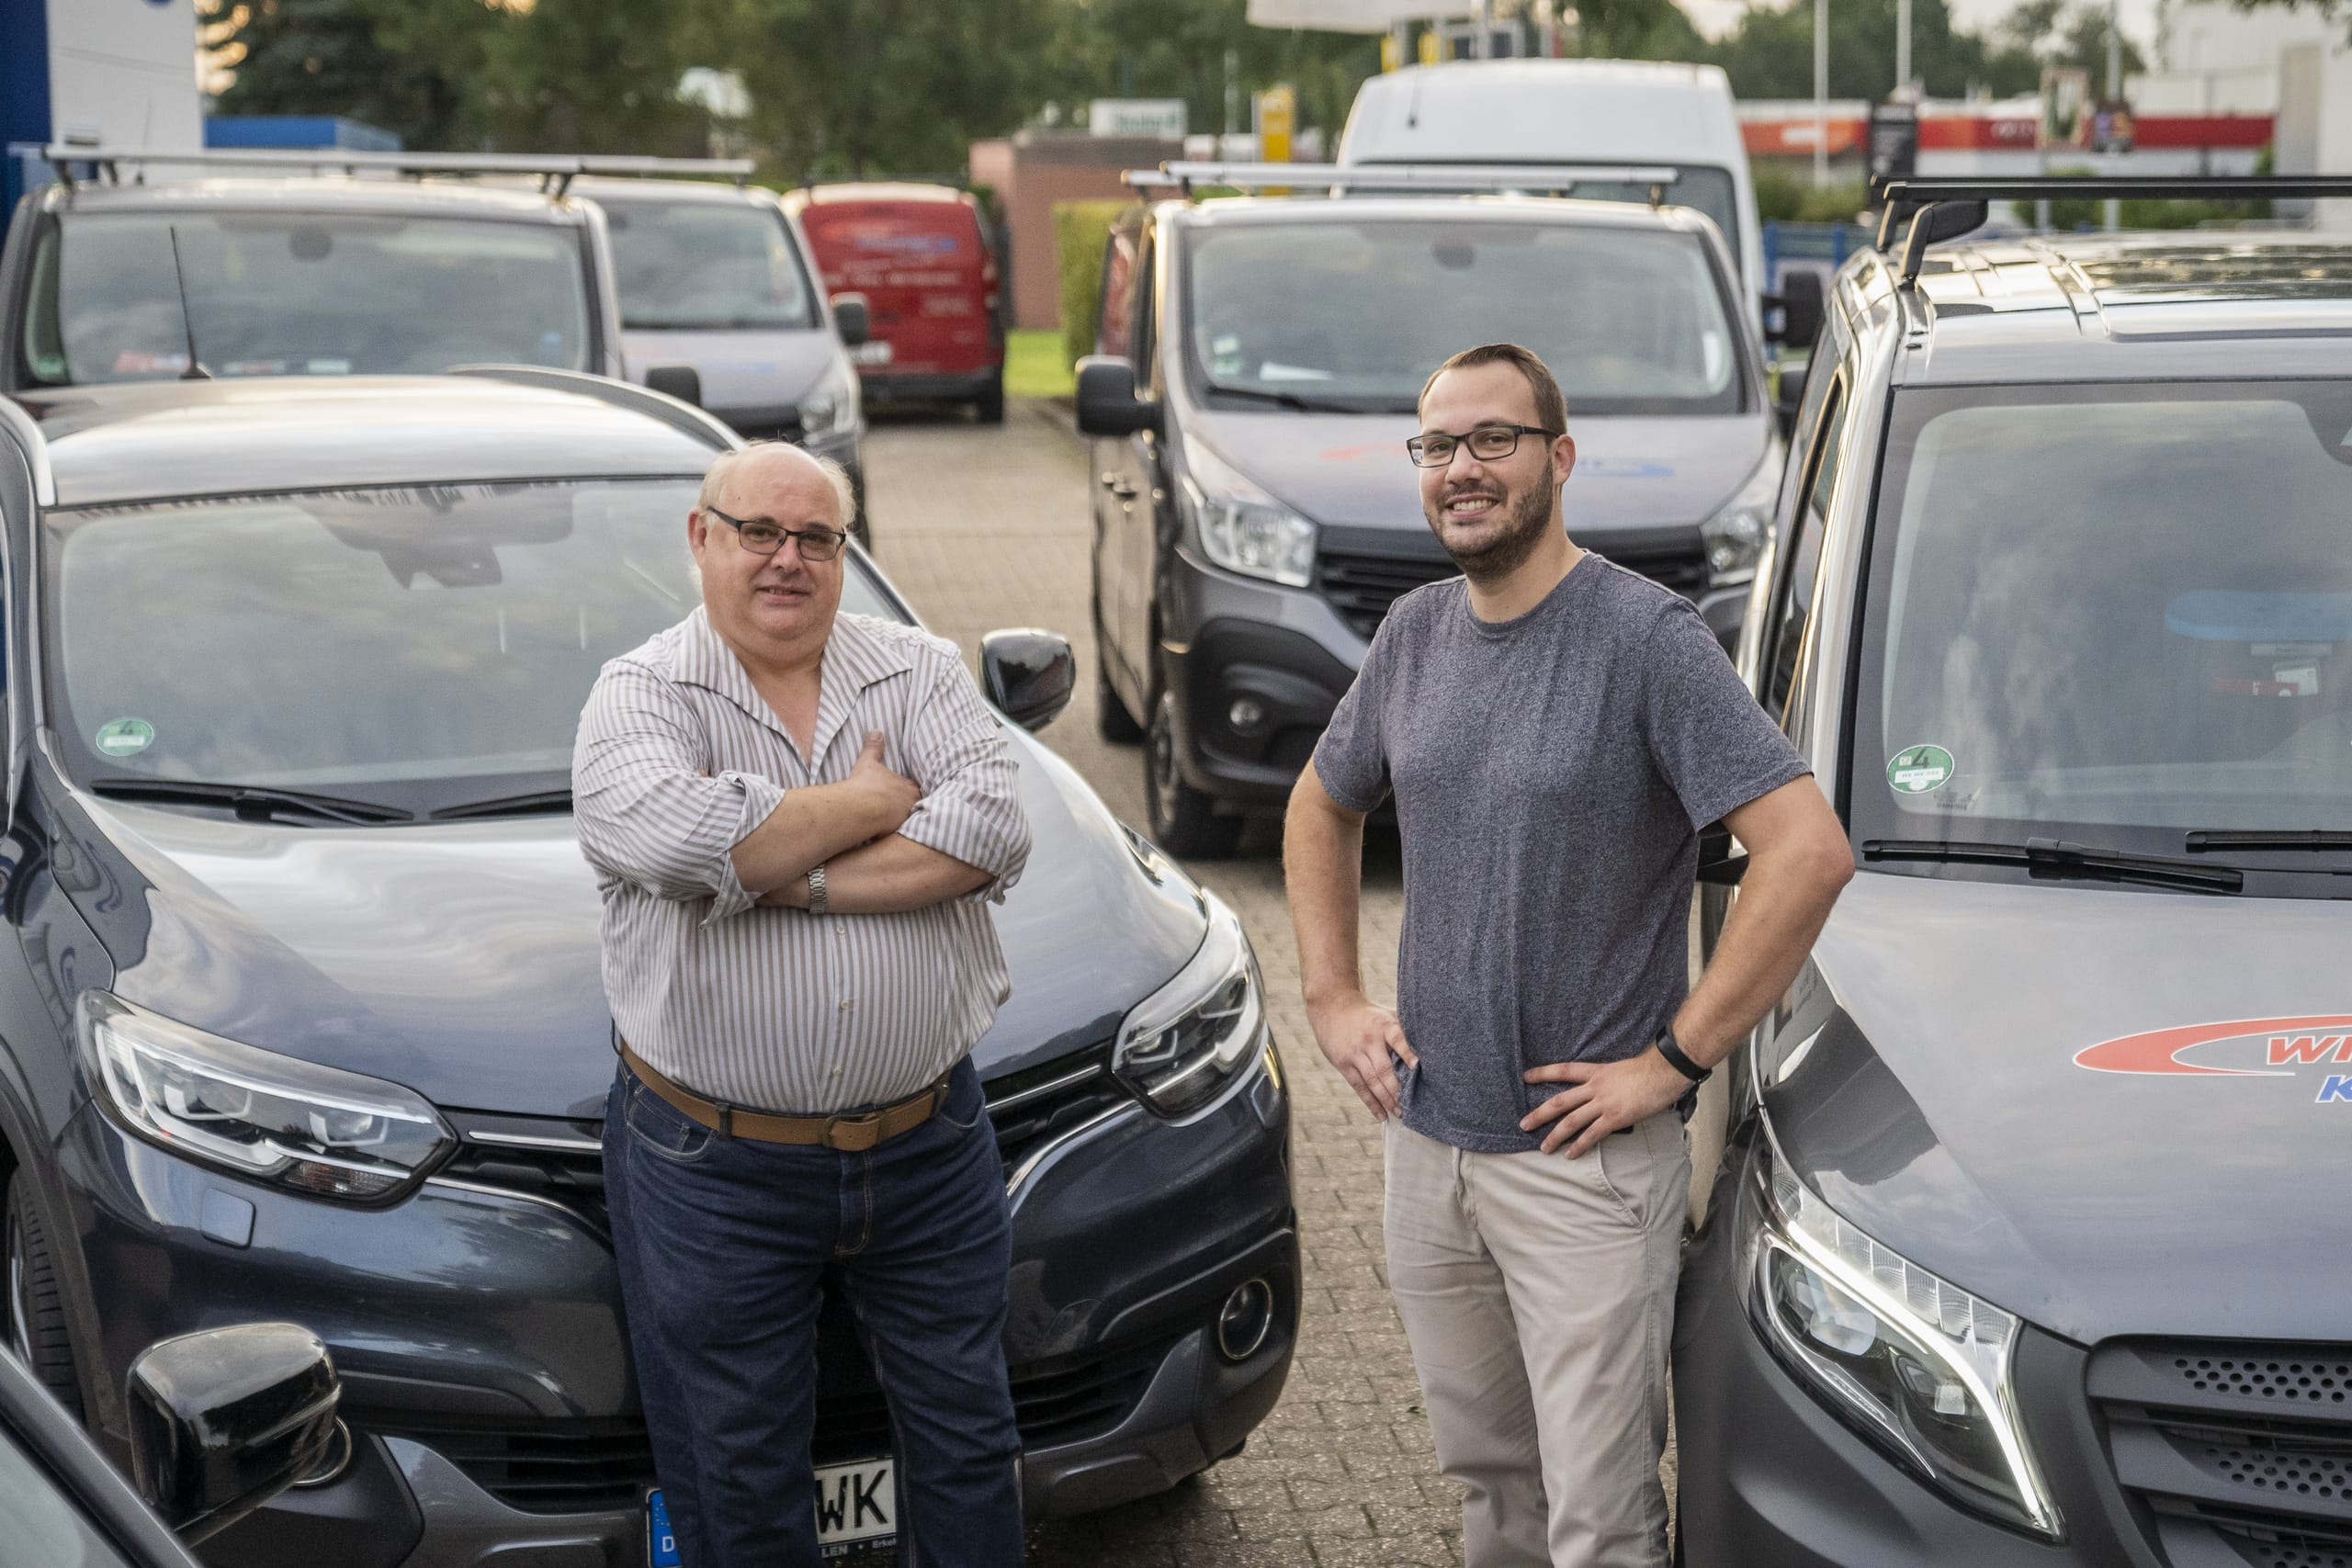 Flottenversicherung: Richtig günstiger Fuhrparkschutz